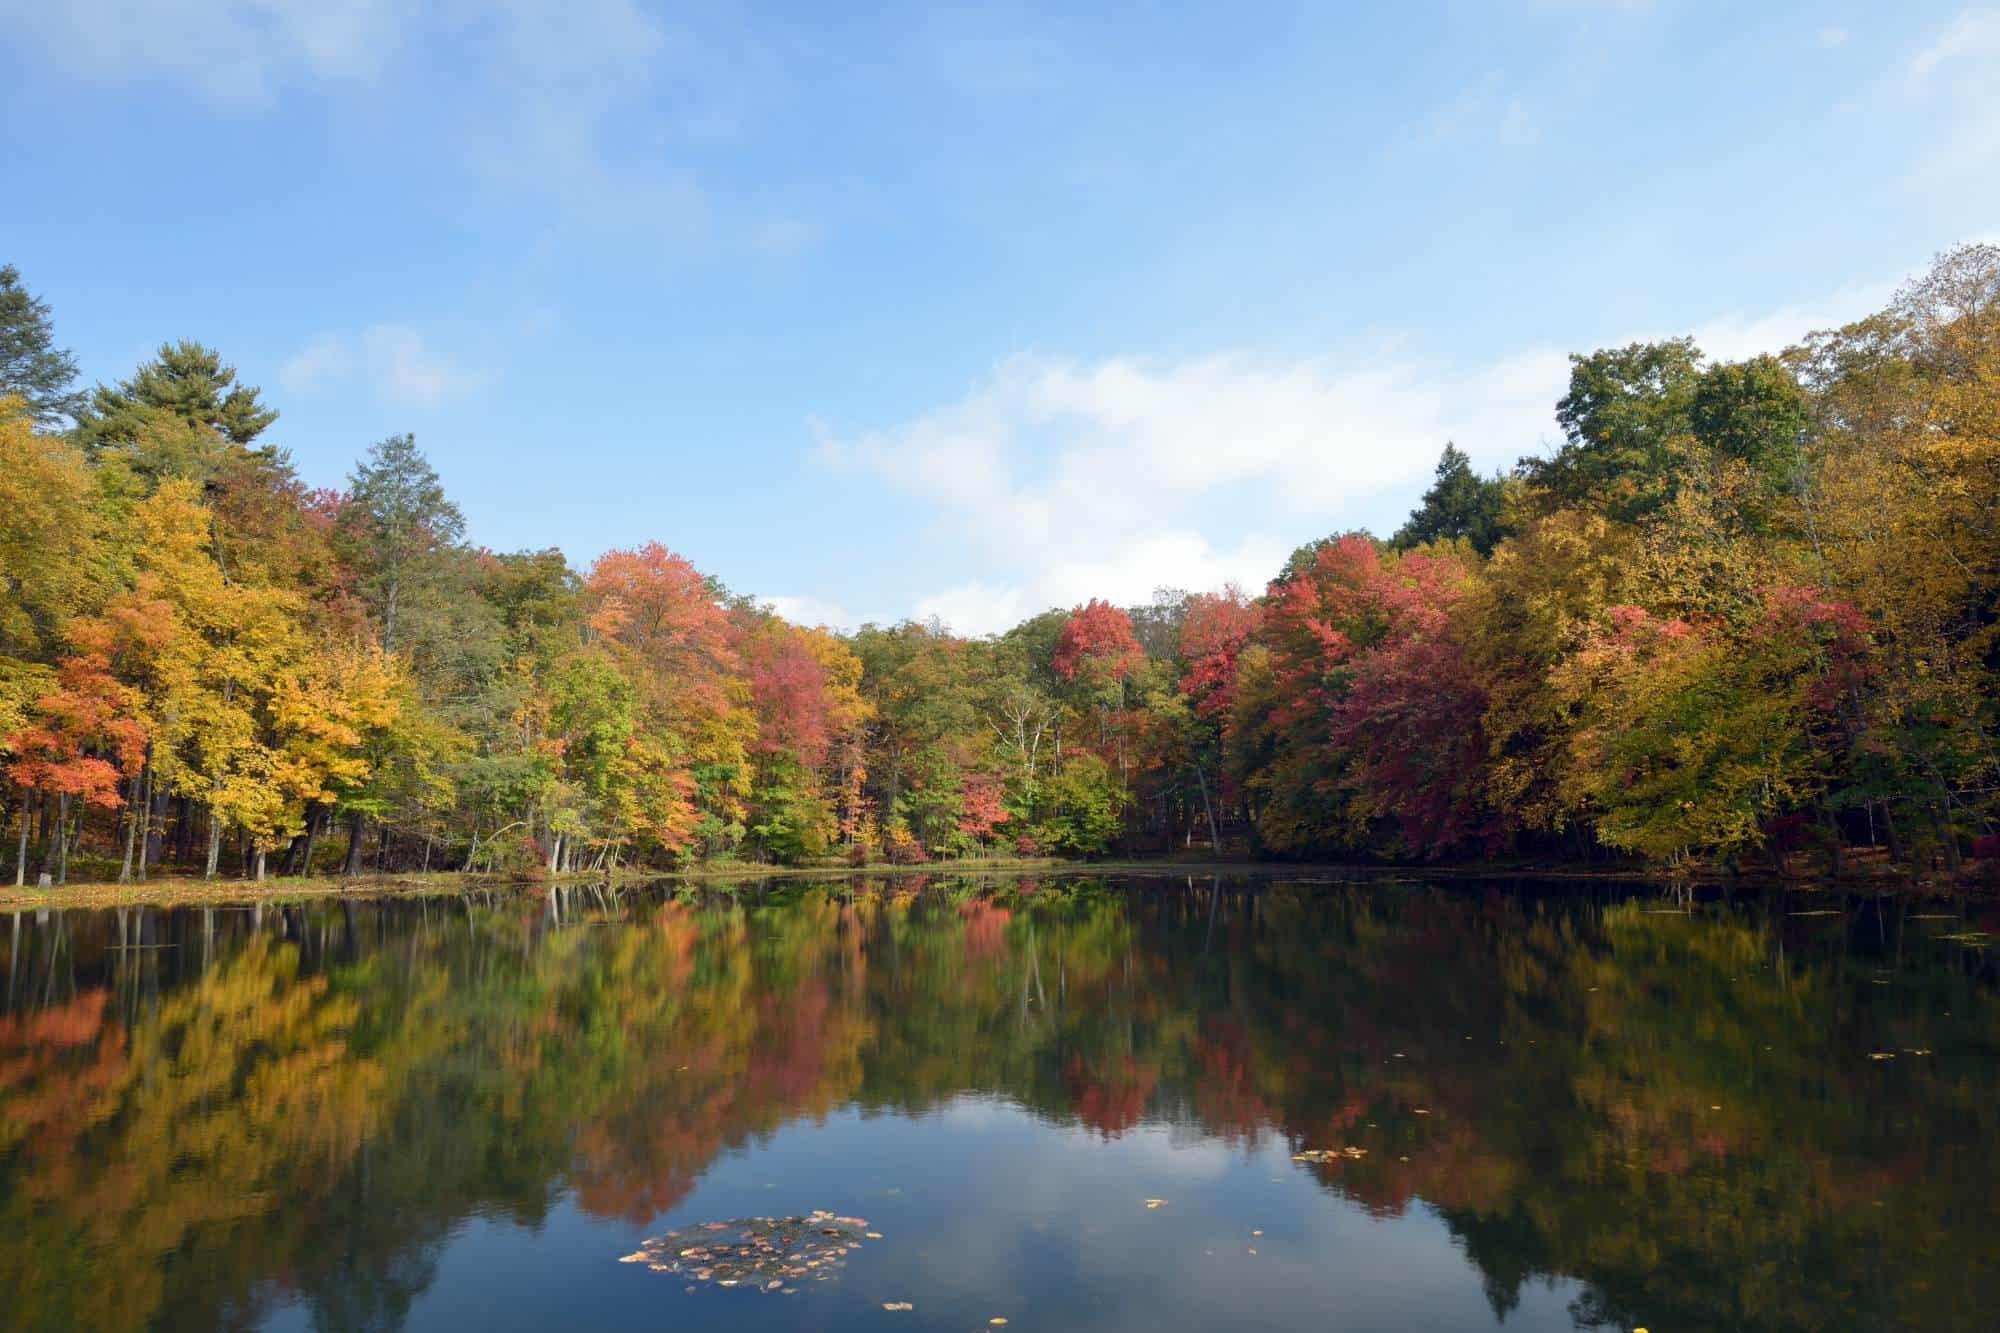 Lake with fall foliage